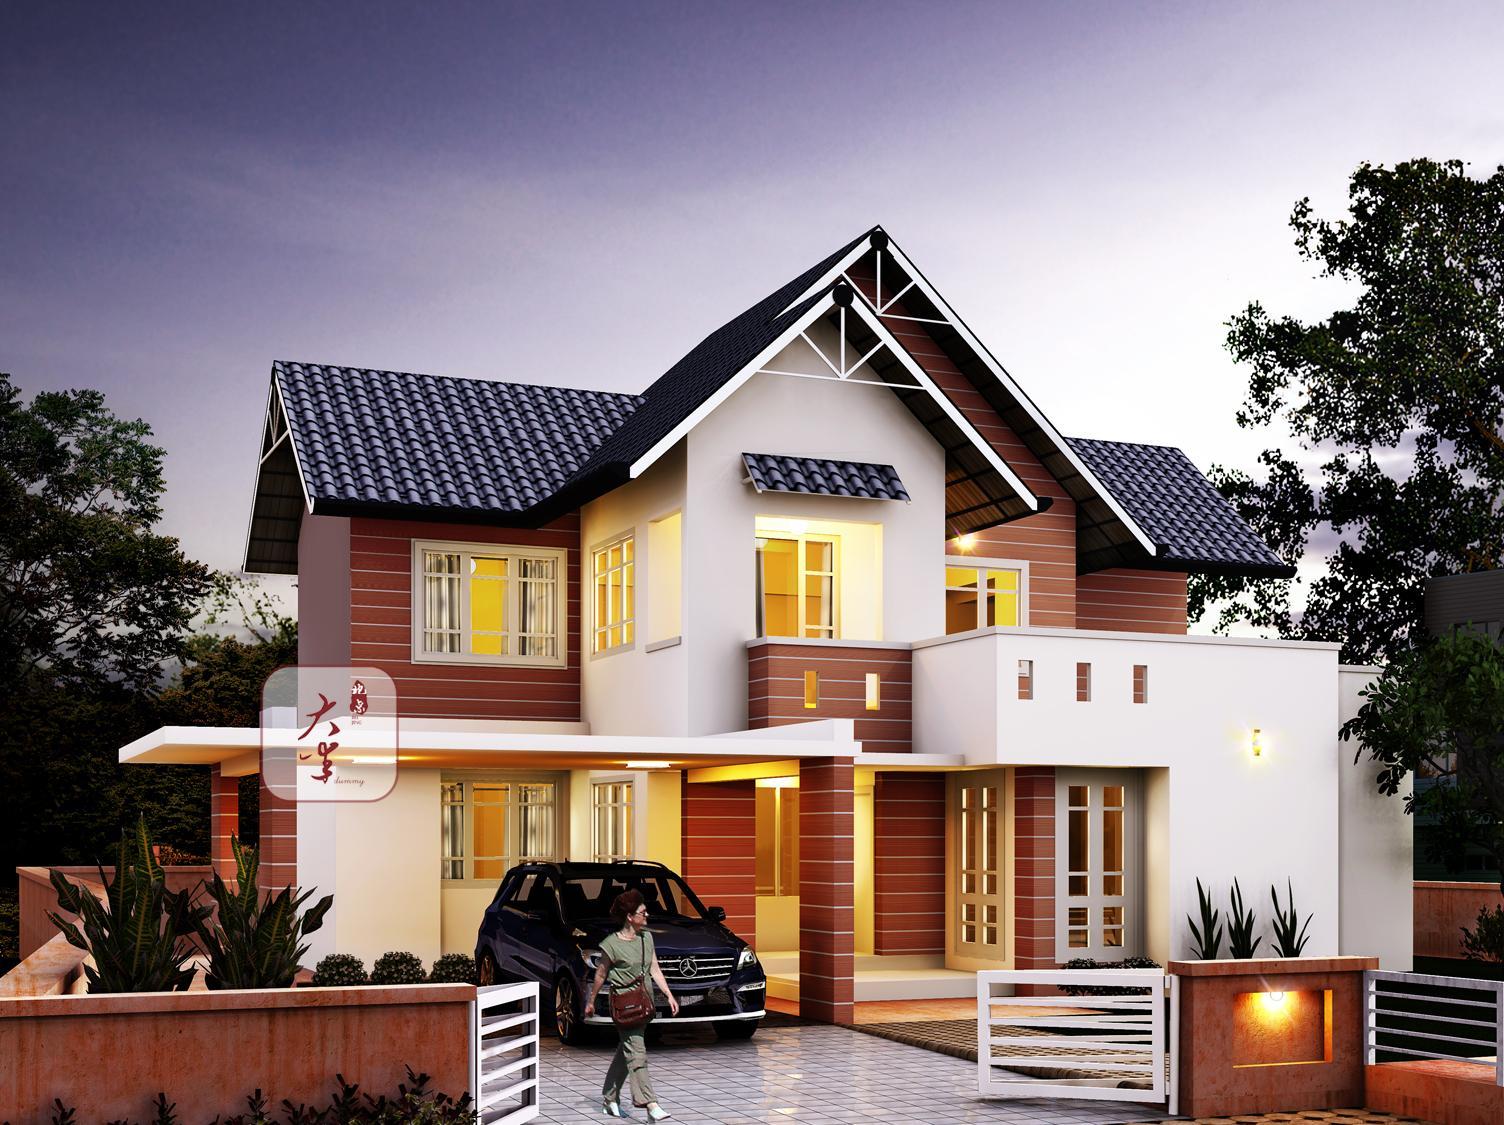 二层简单一点的别墅图